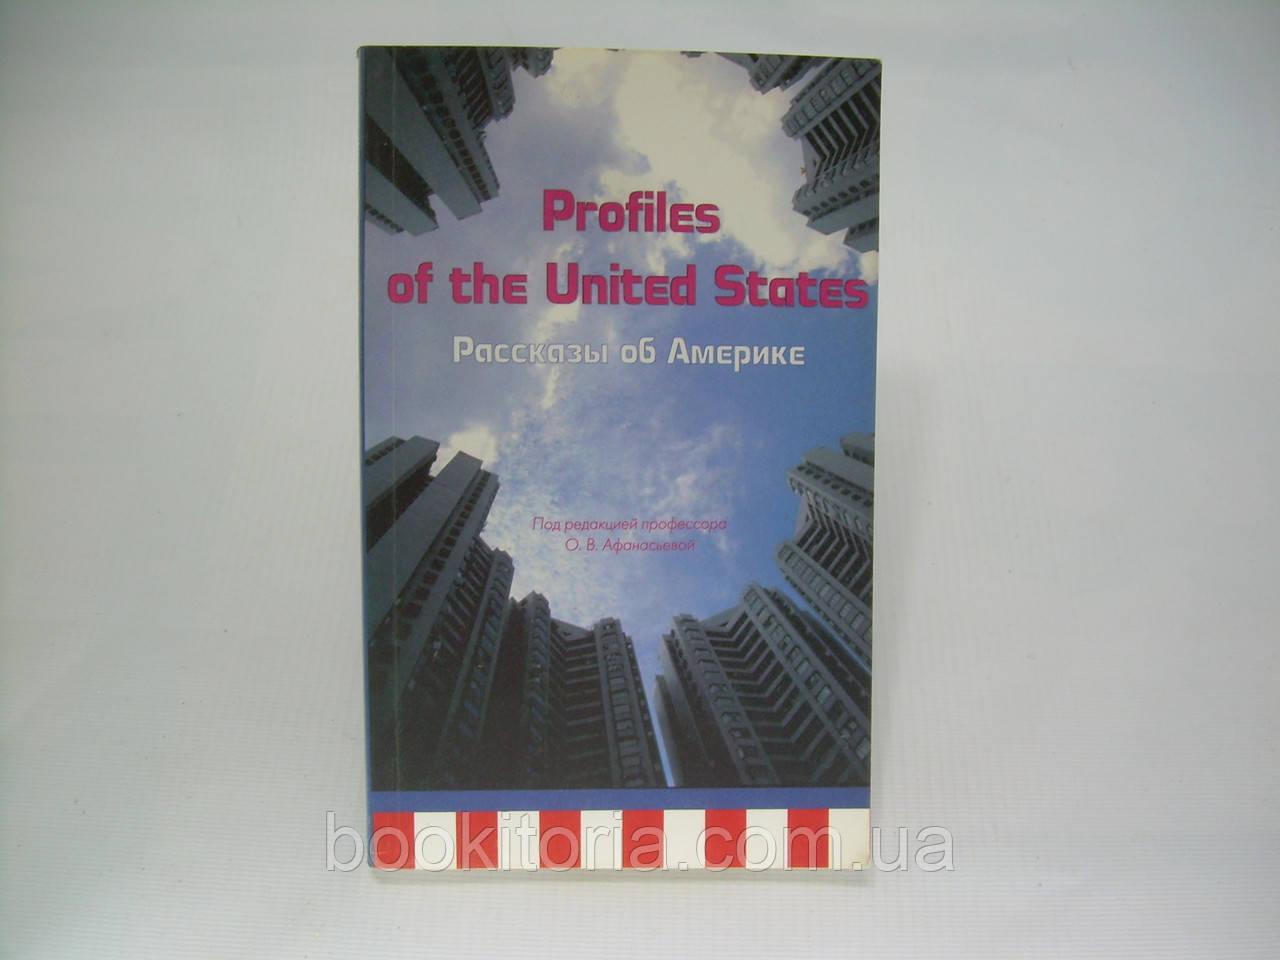 Рассказы об Америке / Profiles of the United States (б/у).